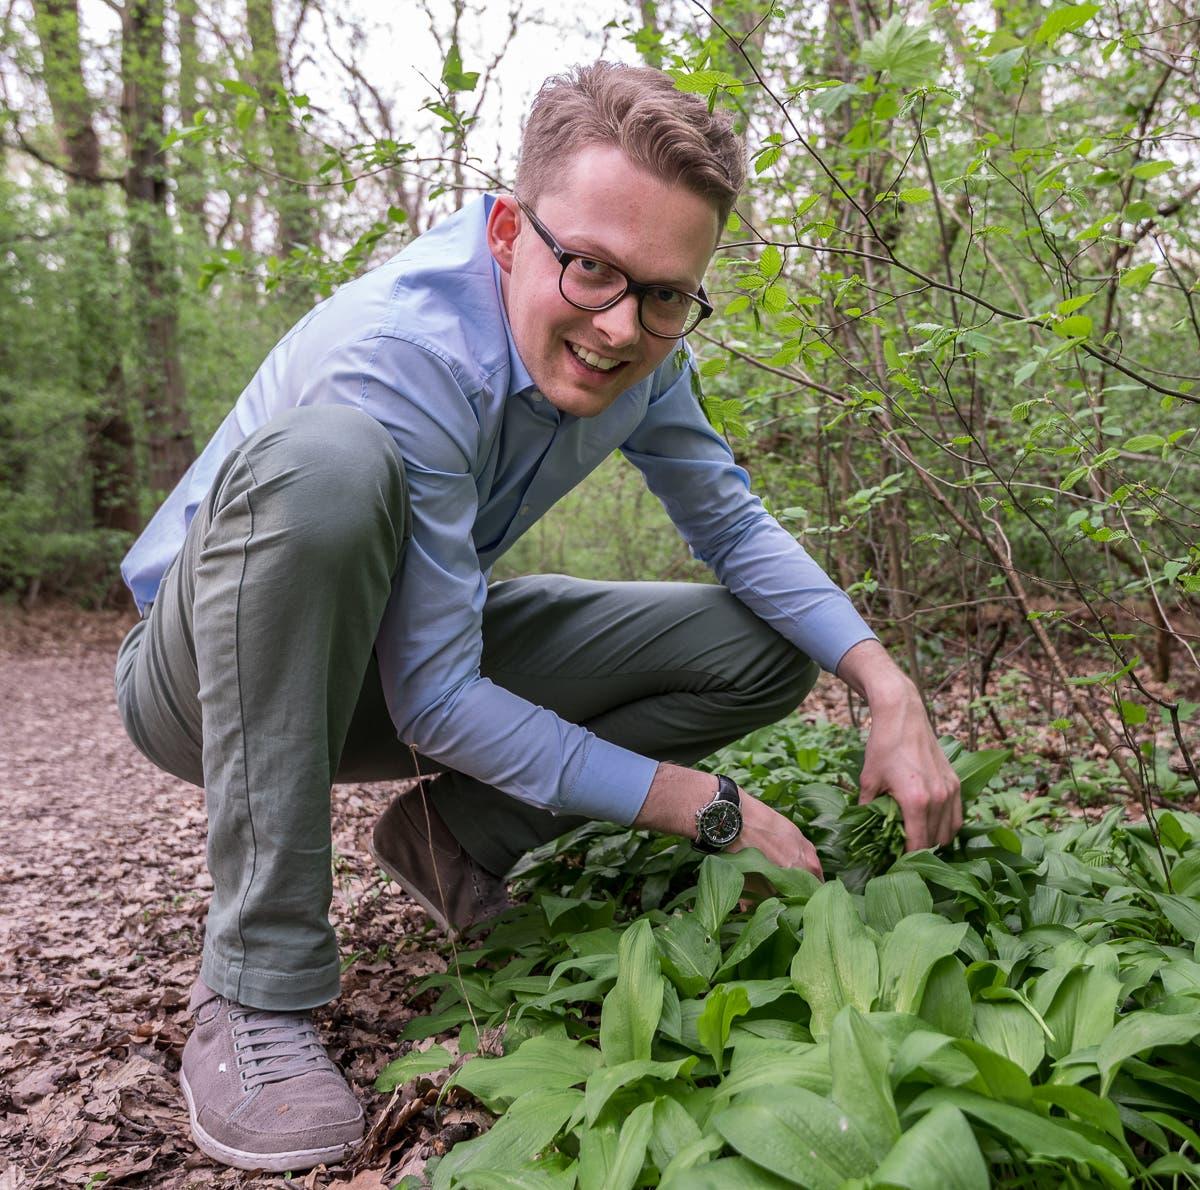 Bärlauch sammeln | Selbstgemachtes Bärlauchpesto - im Wald den Frühling einfangen